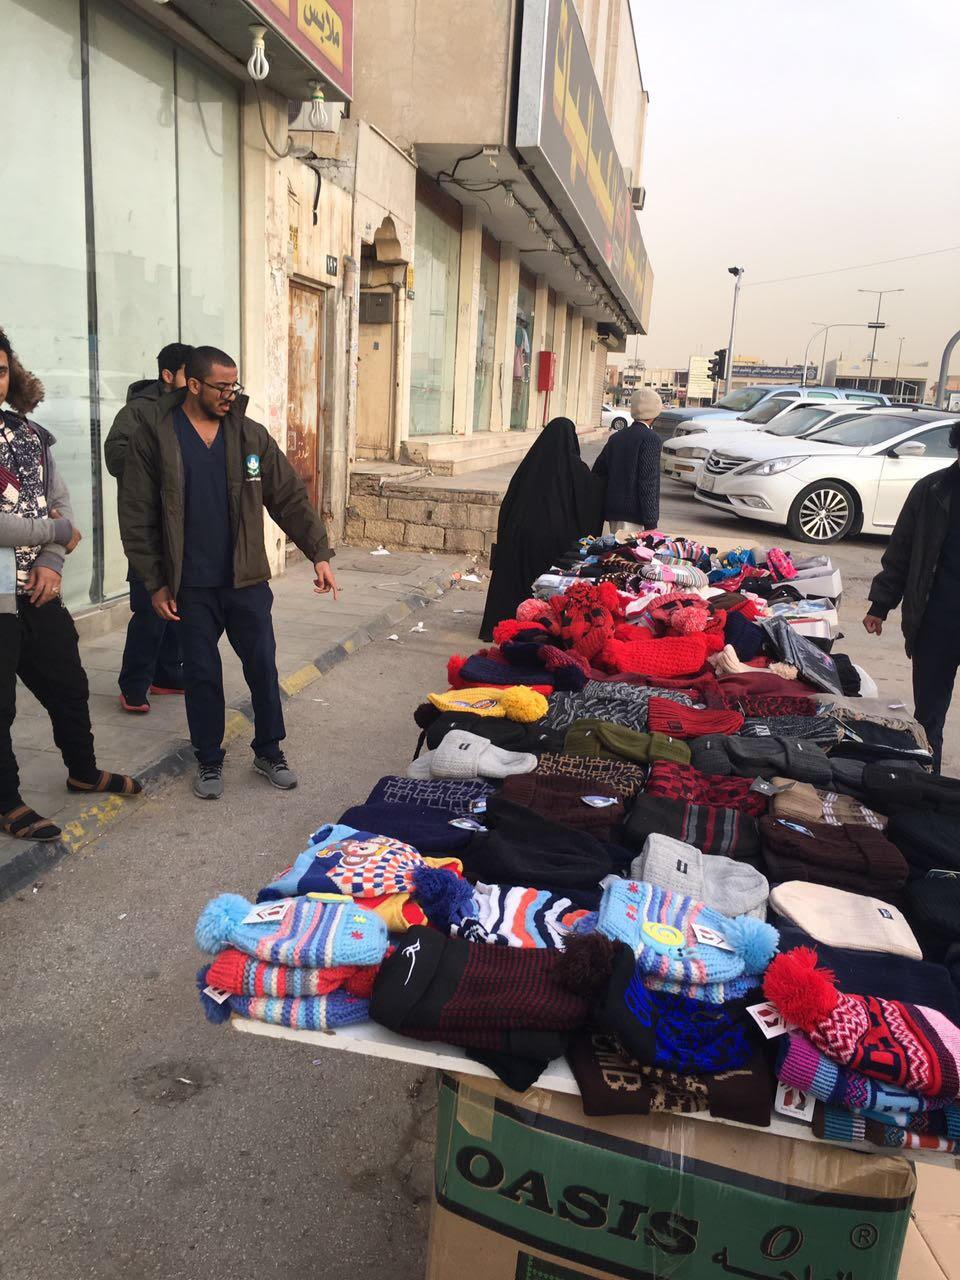 أمانة الرياض تُشن حملة رقابية على الباعة الجائلين جنوب وغرب العاصة